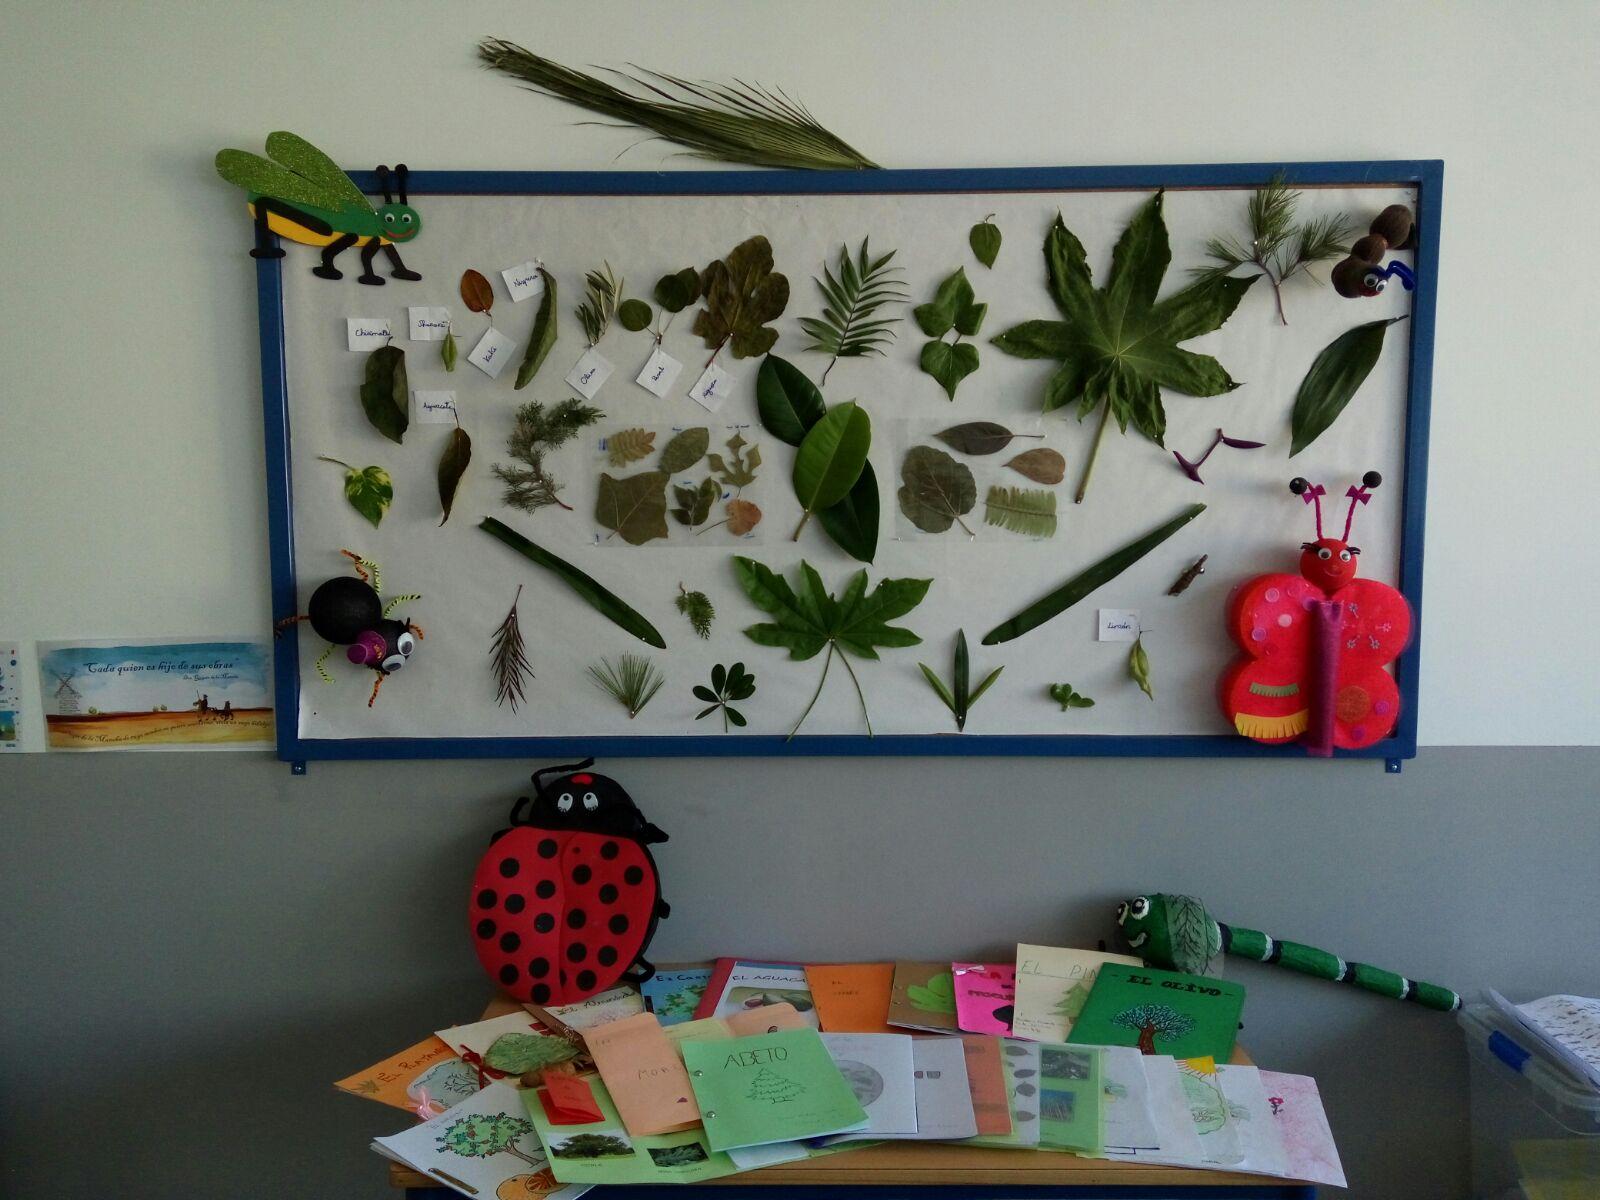 taquiamila: Muestrario de hojas y trabajos sobre árboles